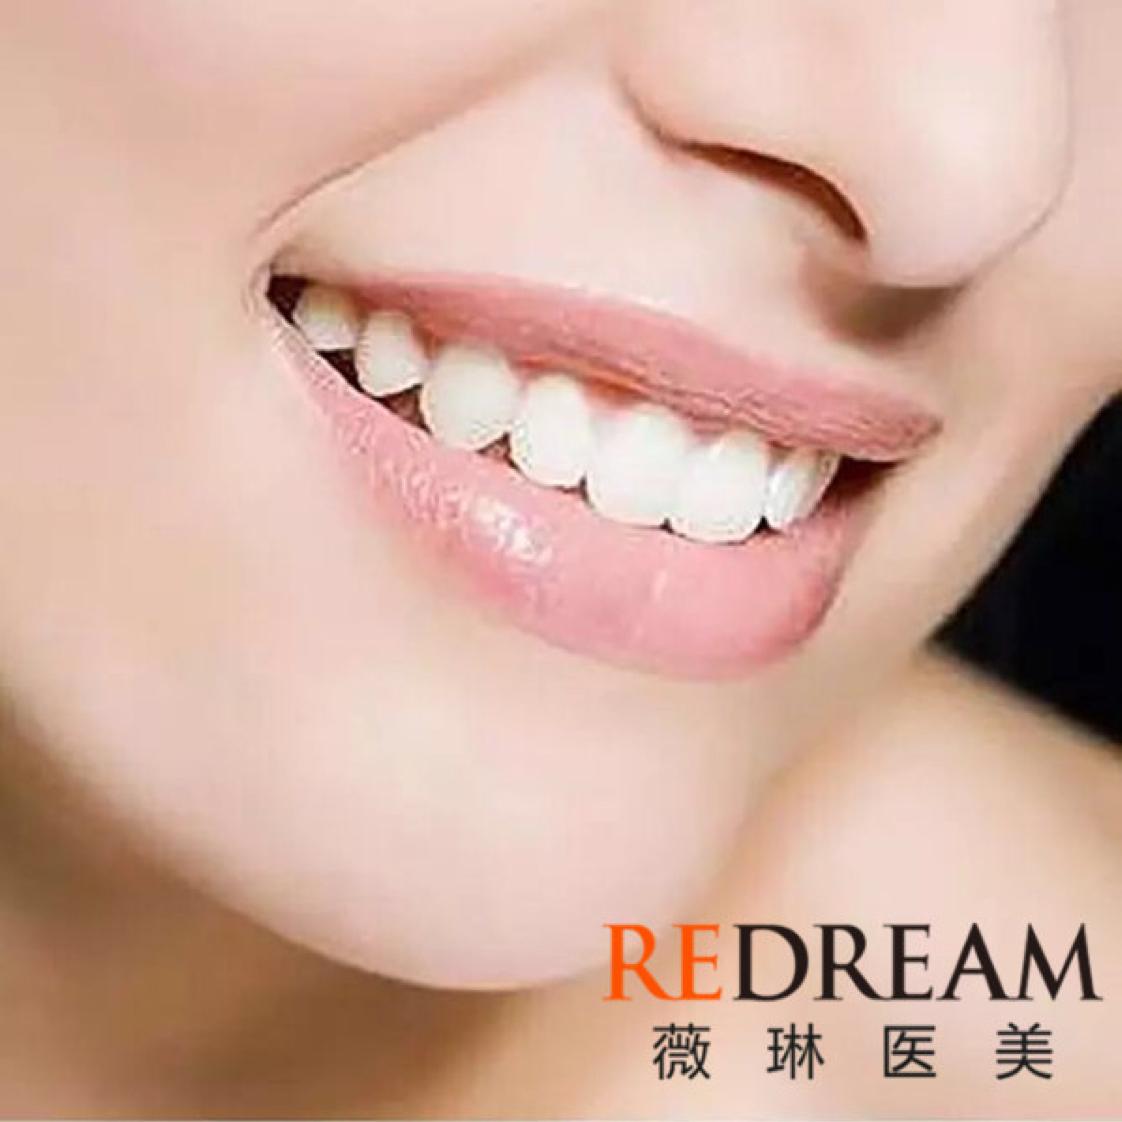 - 【洗牙+抛光】超声波洗牙1次  彻底清除牙周问题